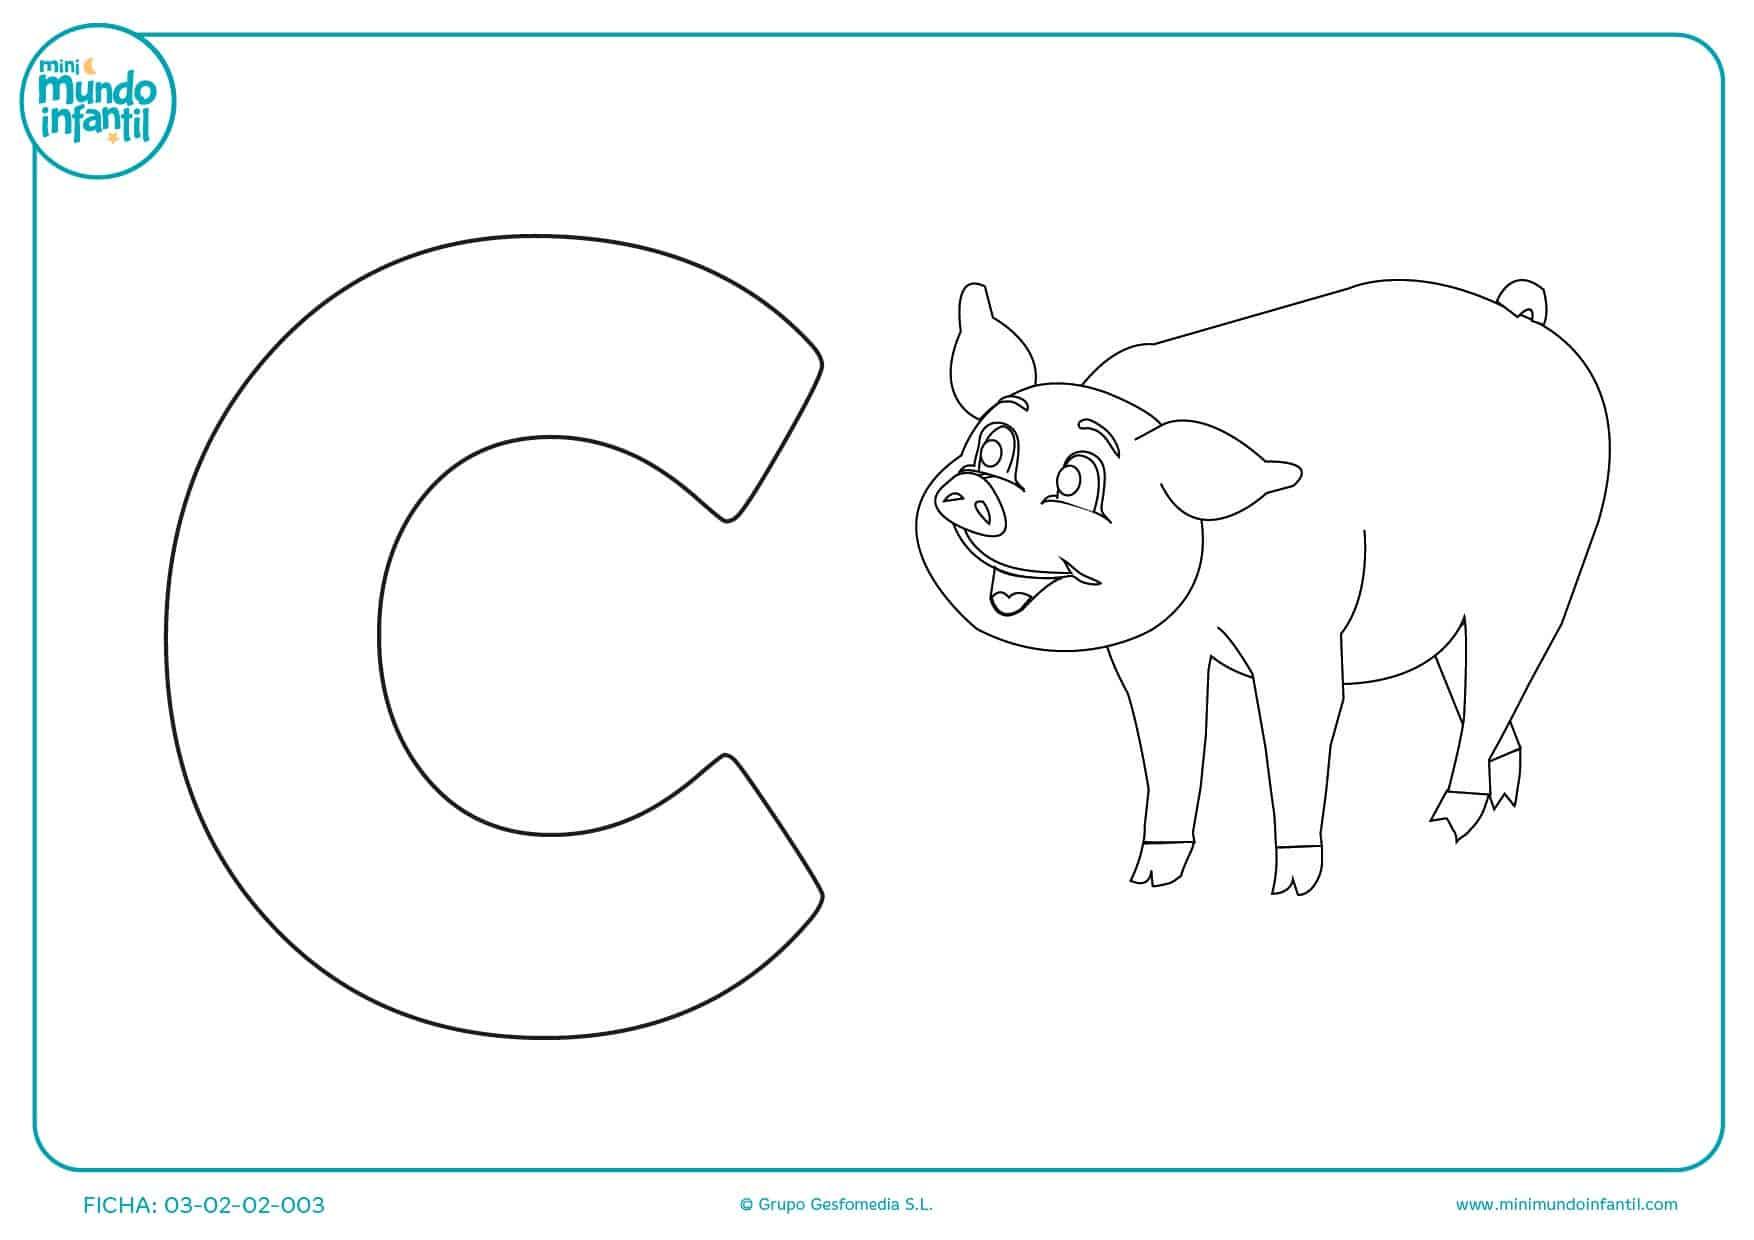 Pintar la letra C que corresponde a la primera letra de cerdito